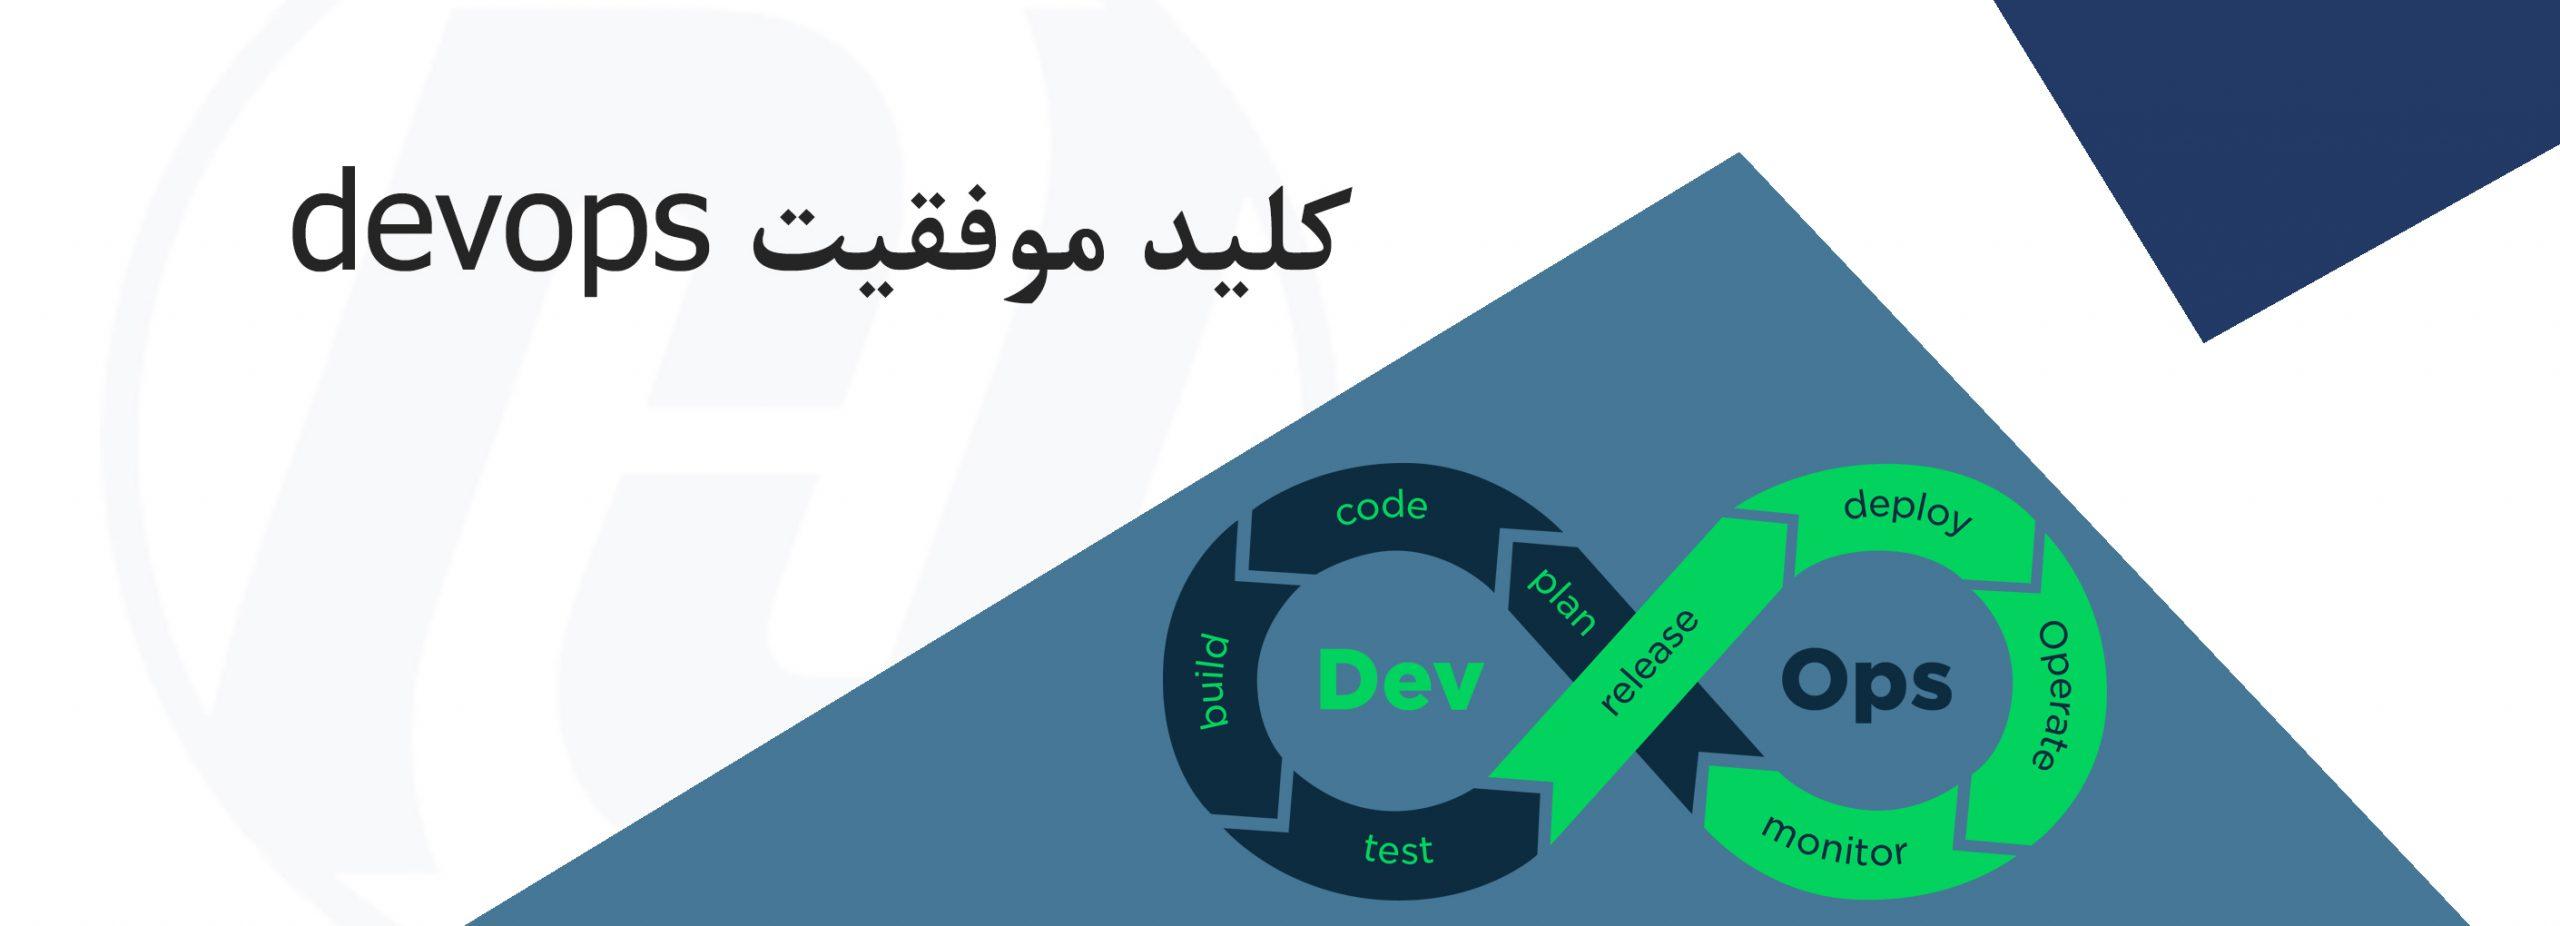 کلید موفقیت devops و DevSecOps